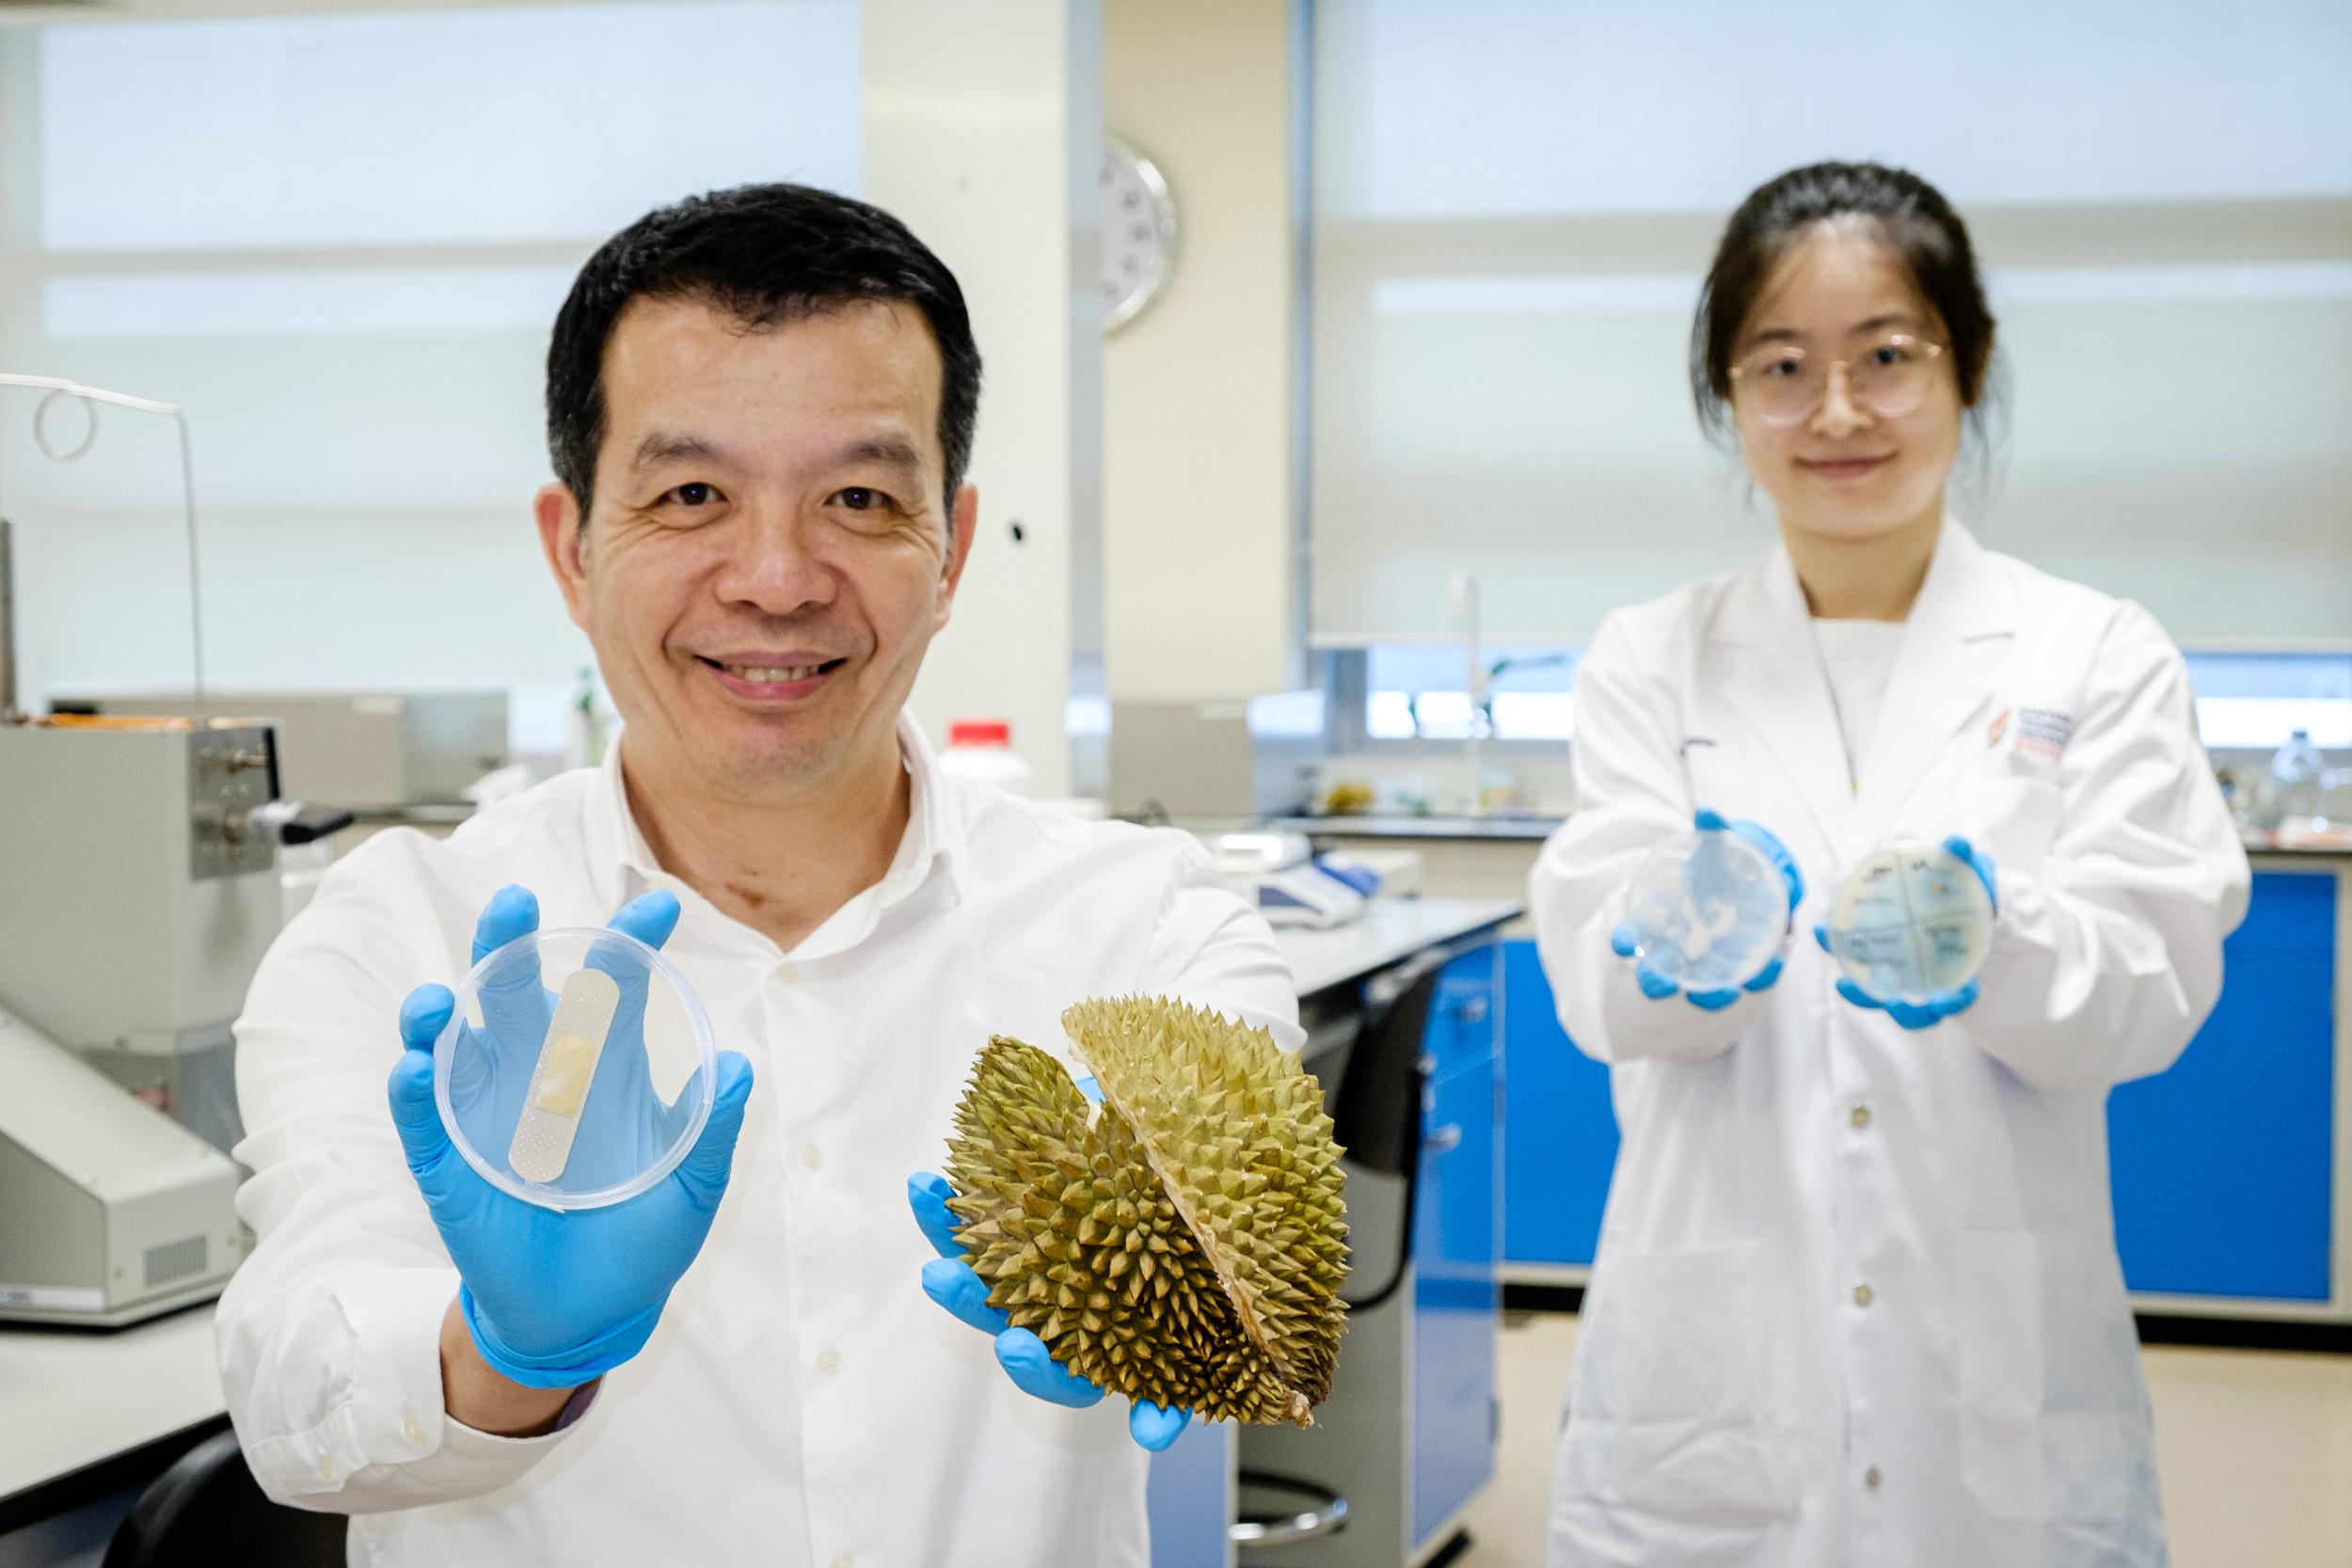 Científicos transforman sobras de frutas en vendajes antibacterianos